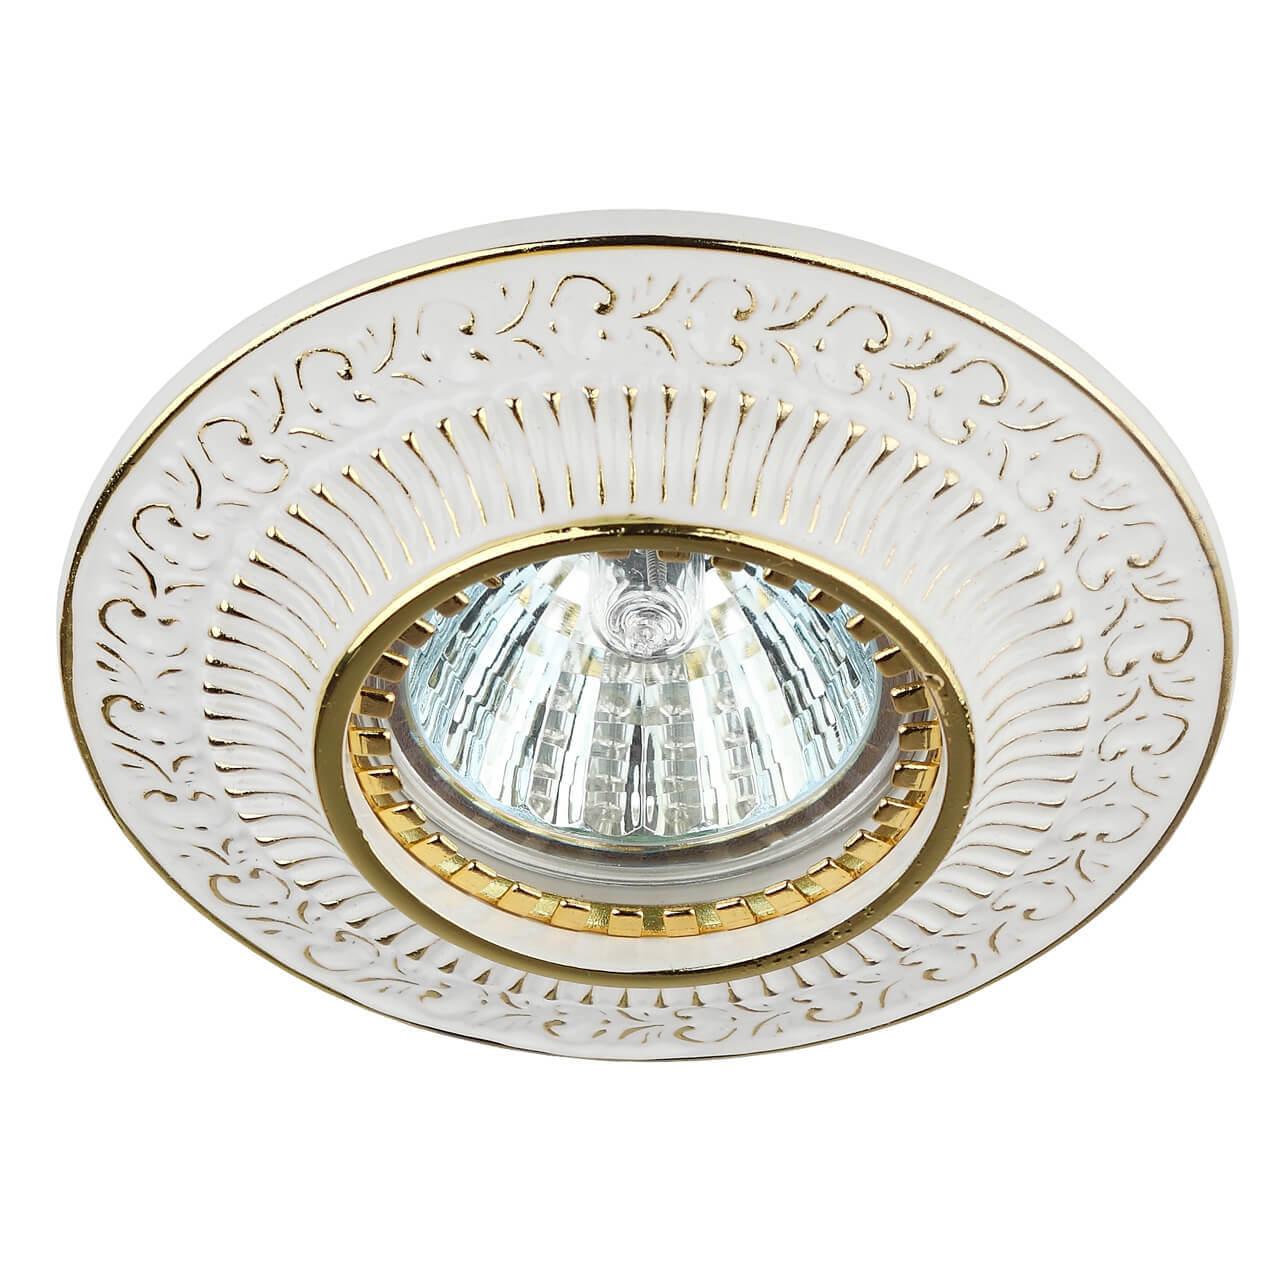 все цены на Встраиваемый светильник ЭРА Литой KL50 WH/GD онлайн